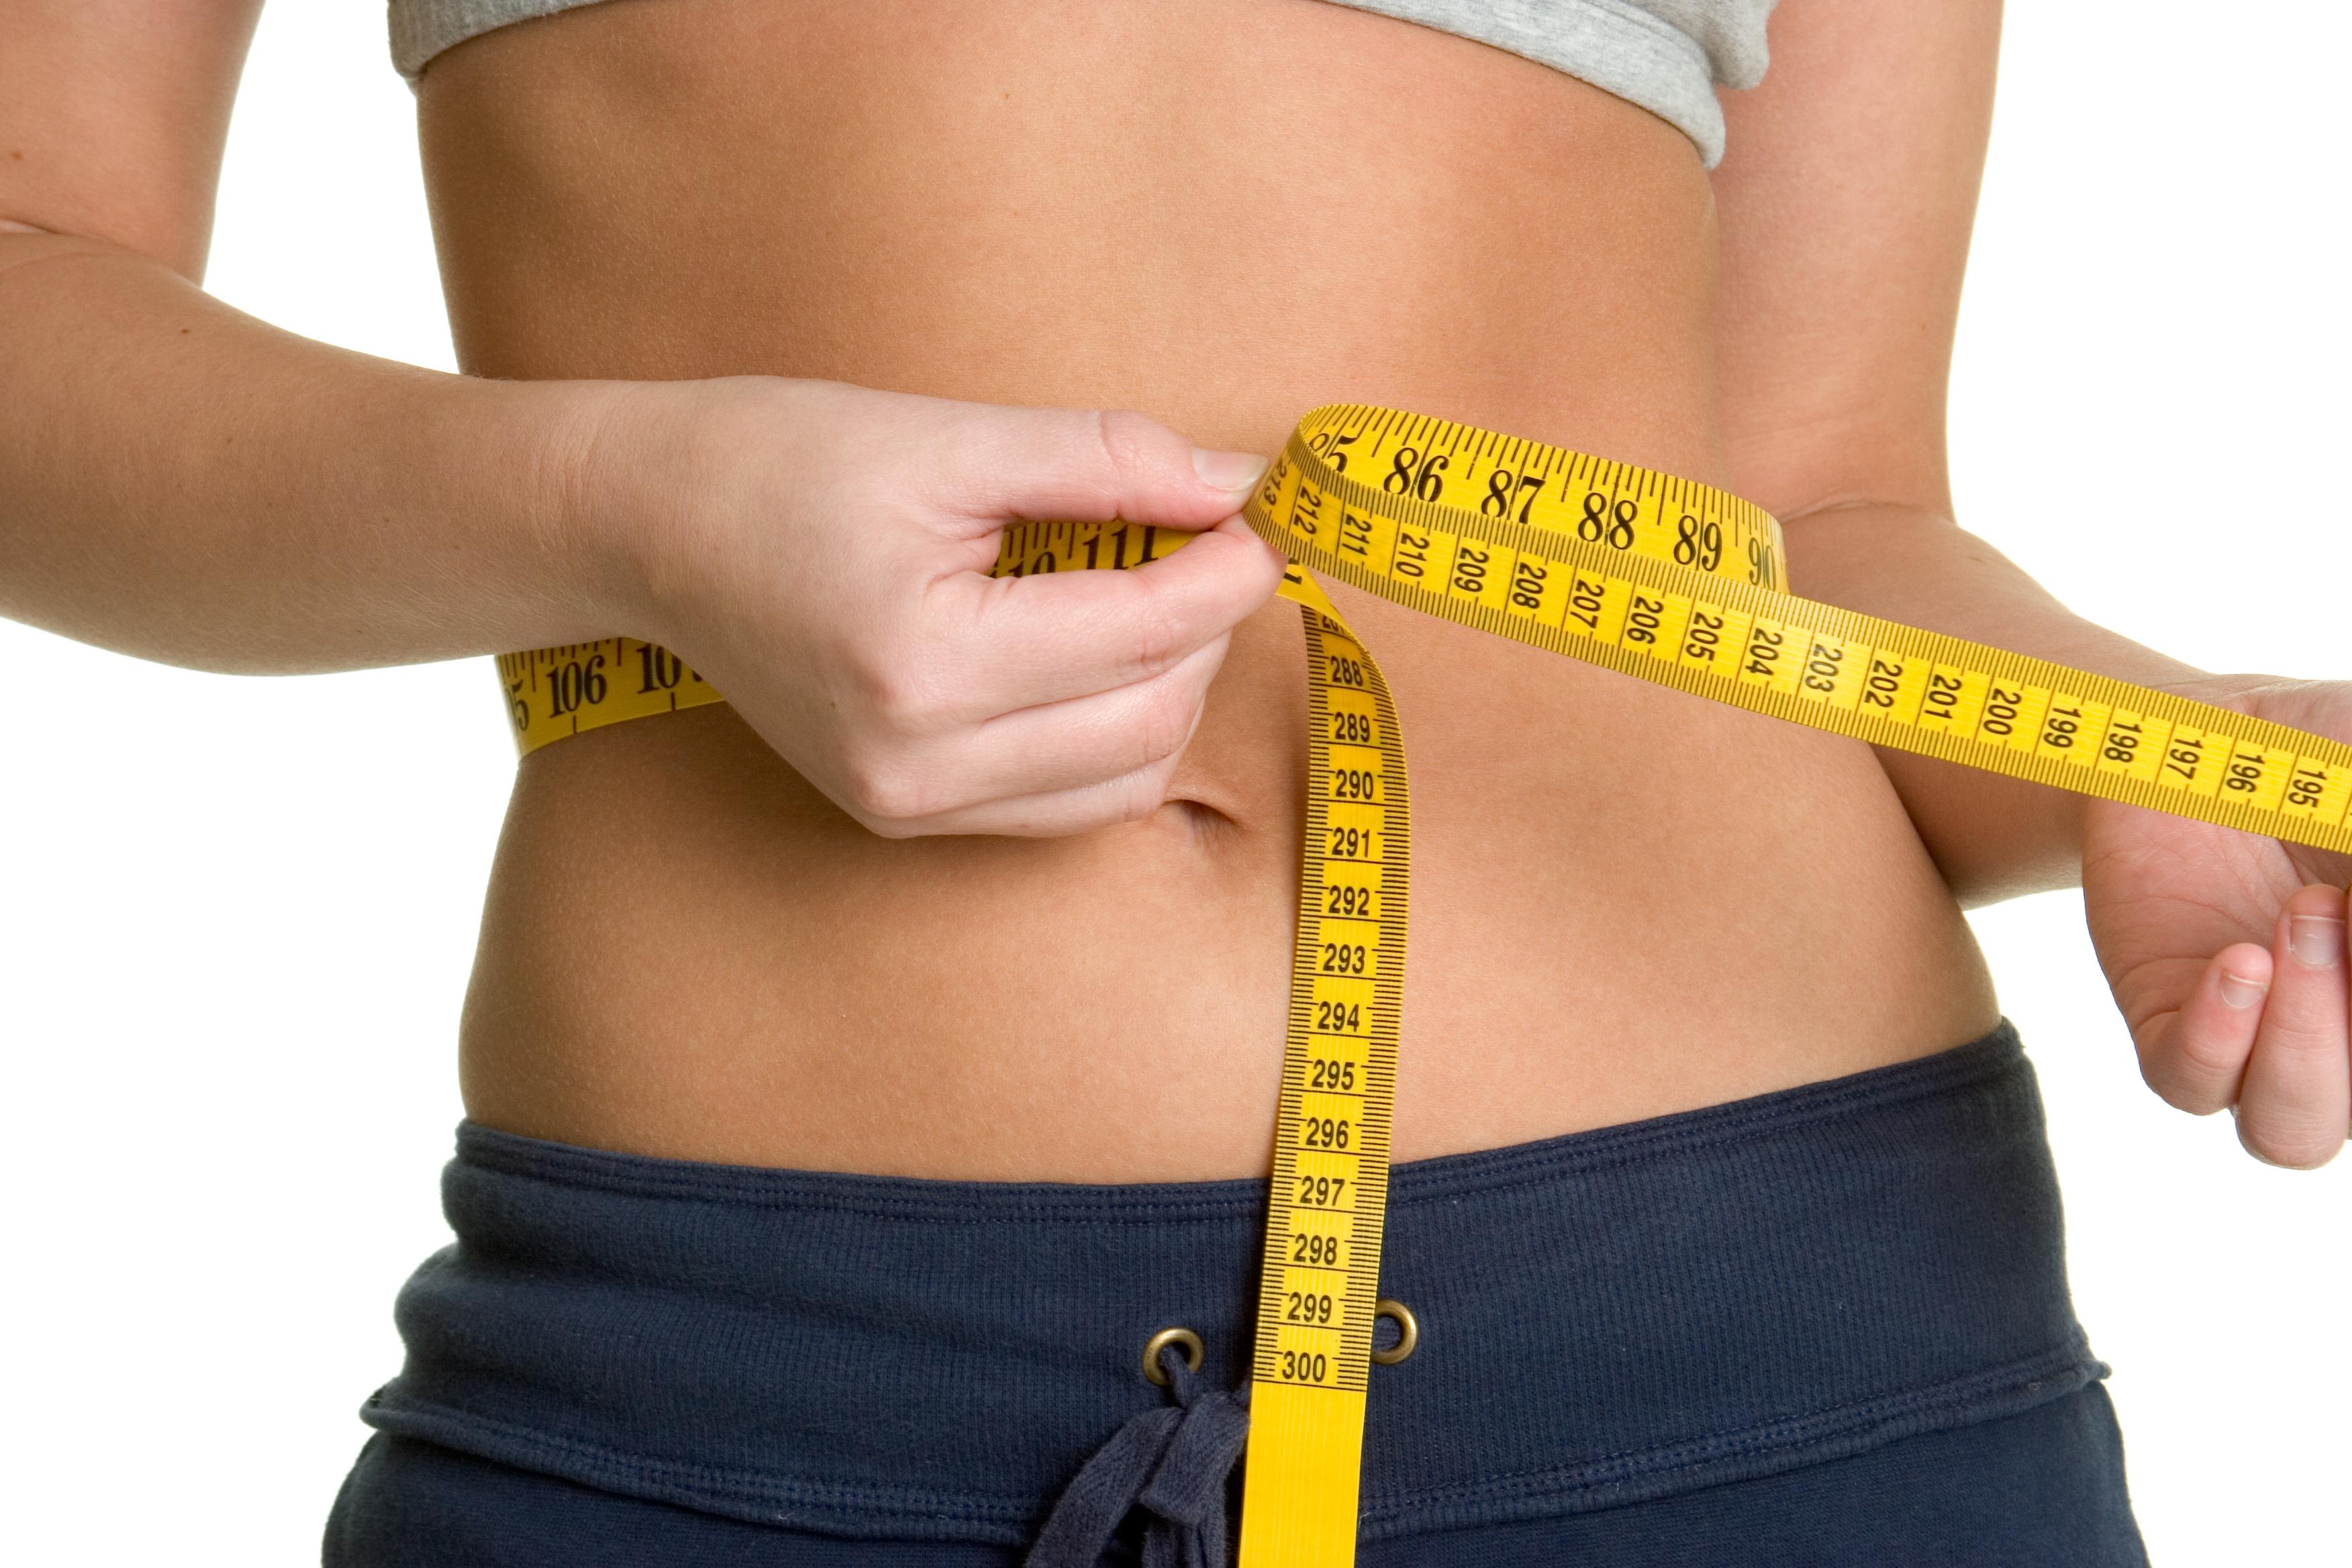 Chirurgie bariatrique pour une perte de poids en Inde